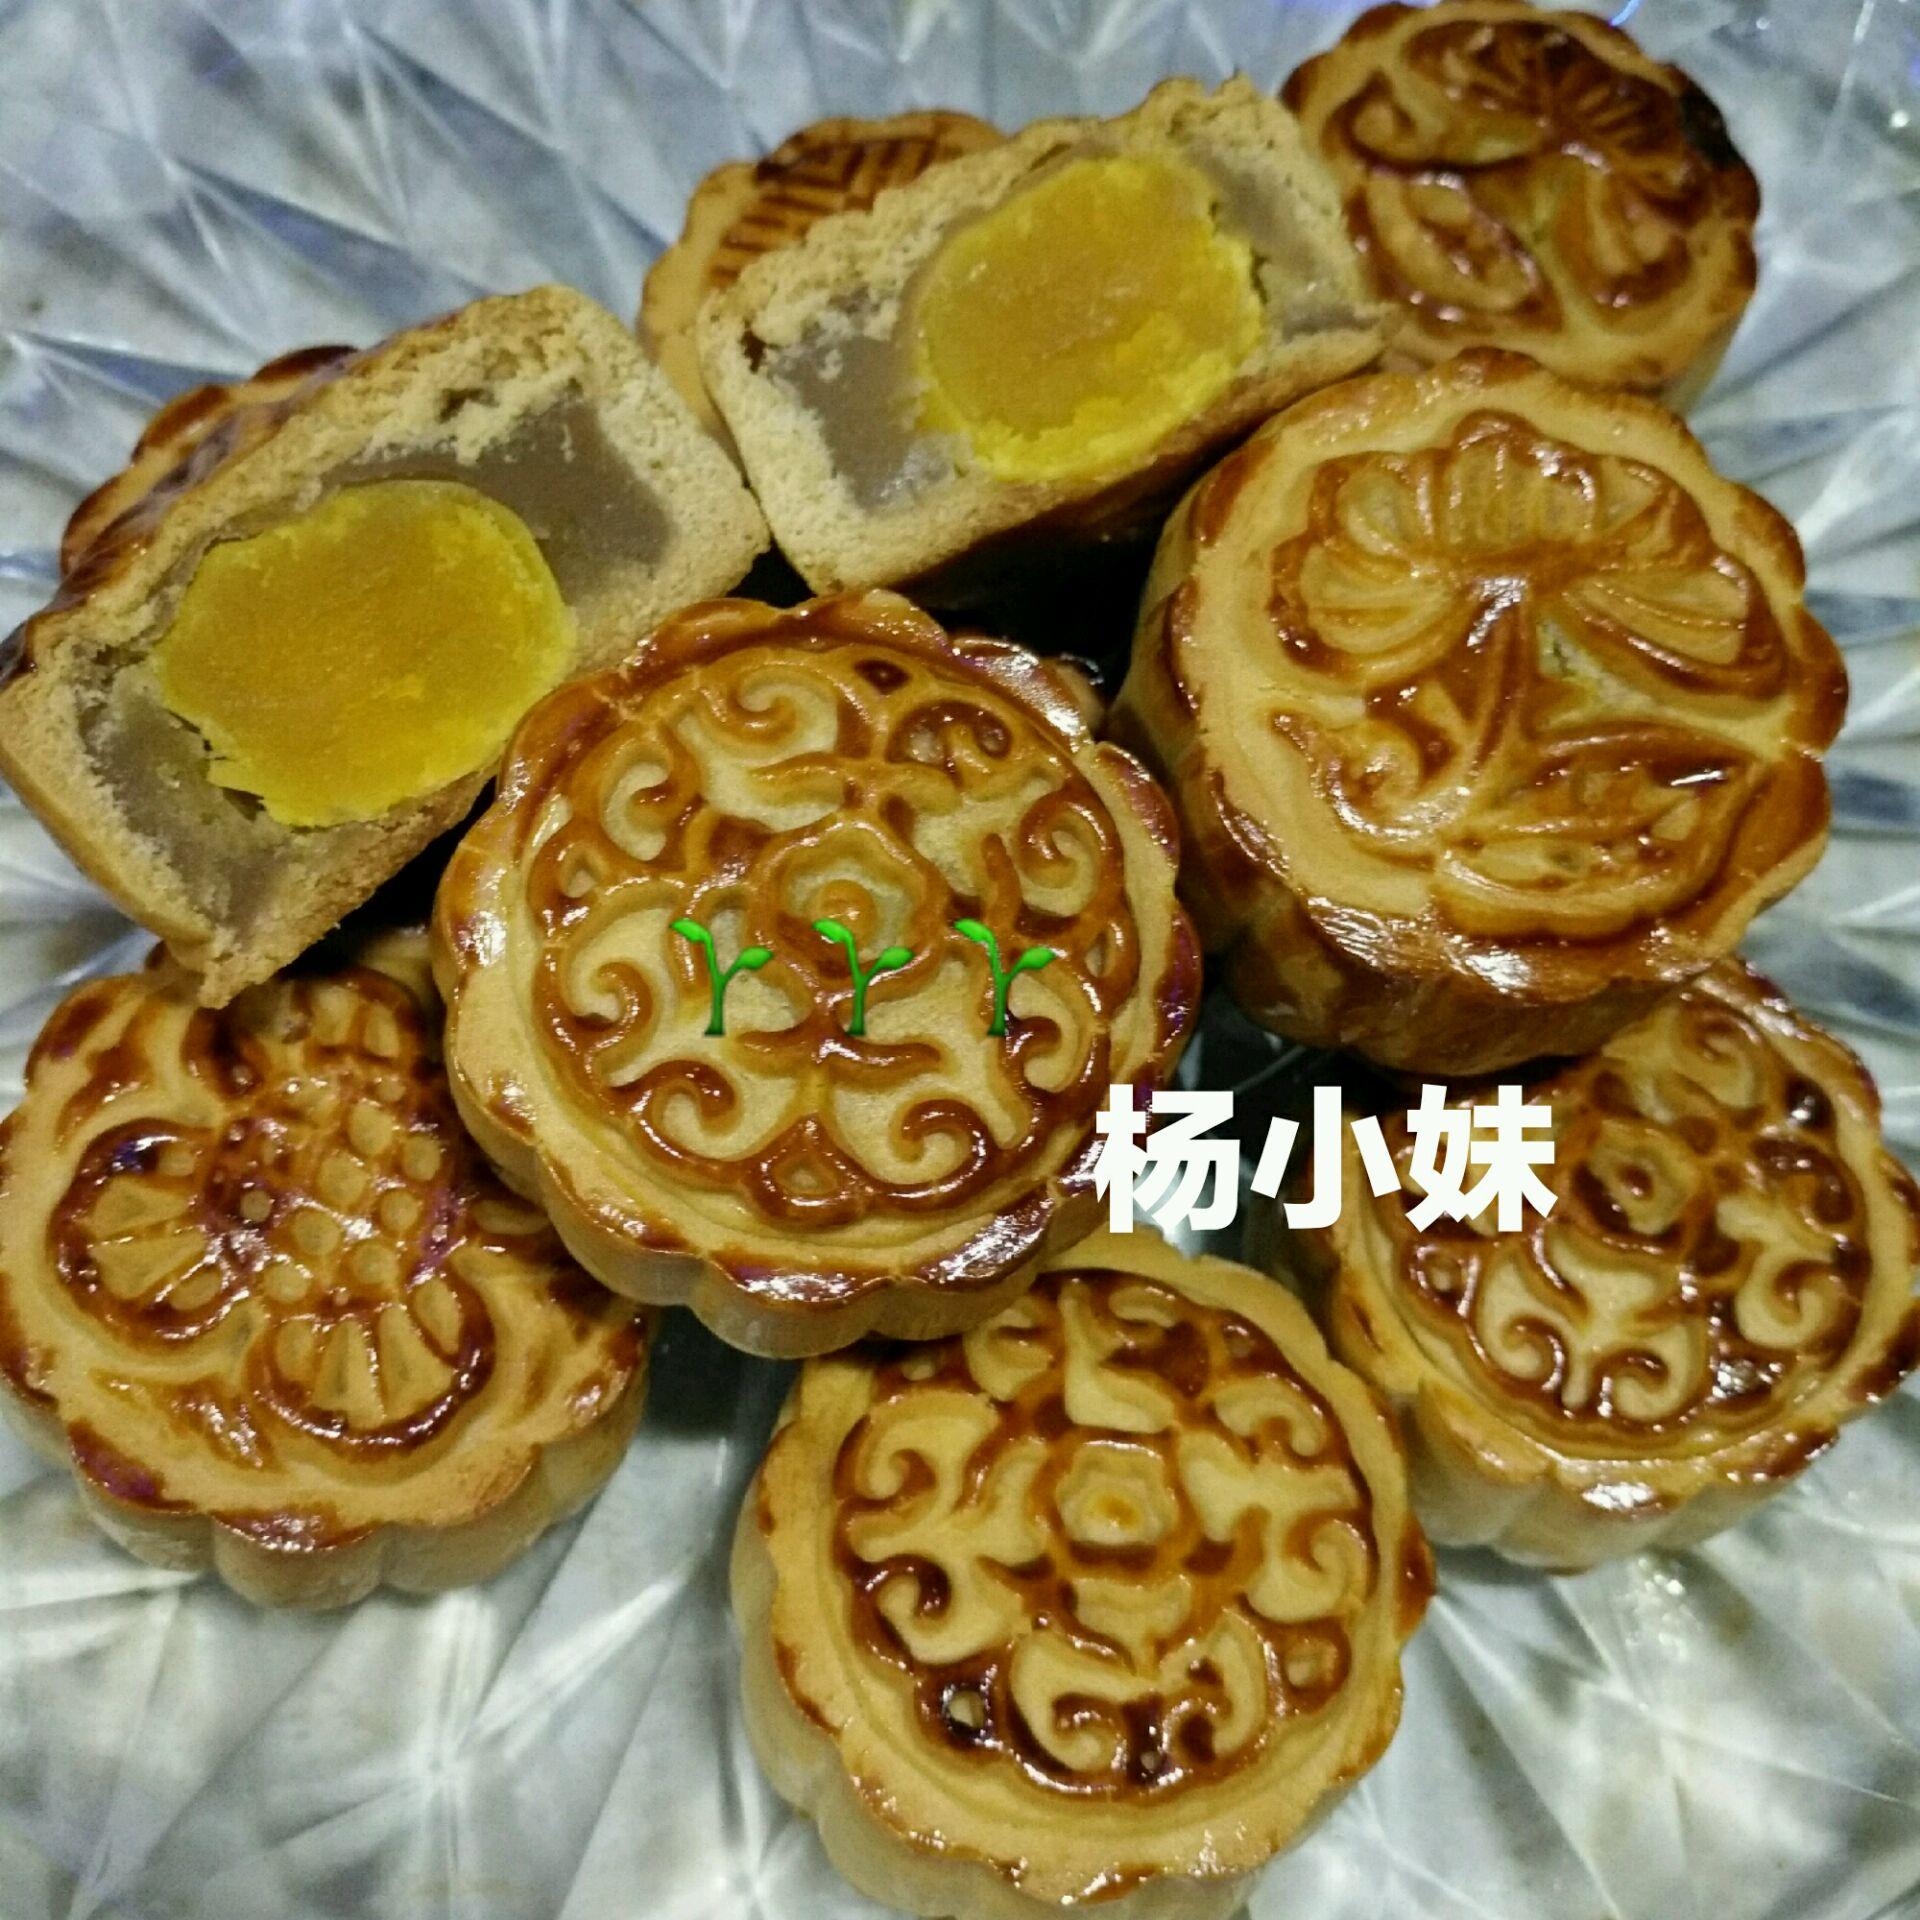 莲蓉蛋黄月饼的做法_【图解】莲蓉蛋黄月饼怎么做如何